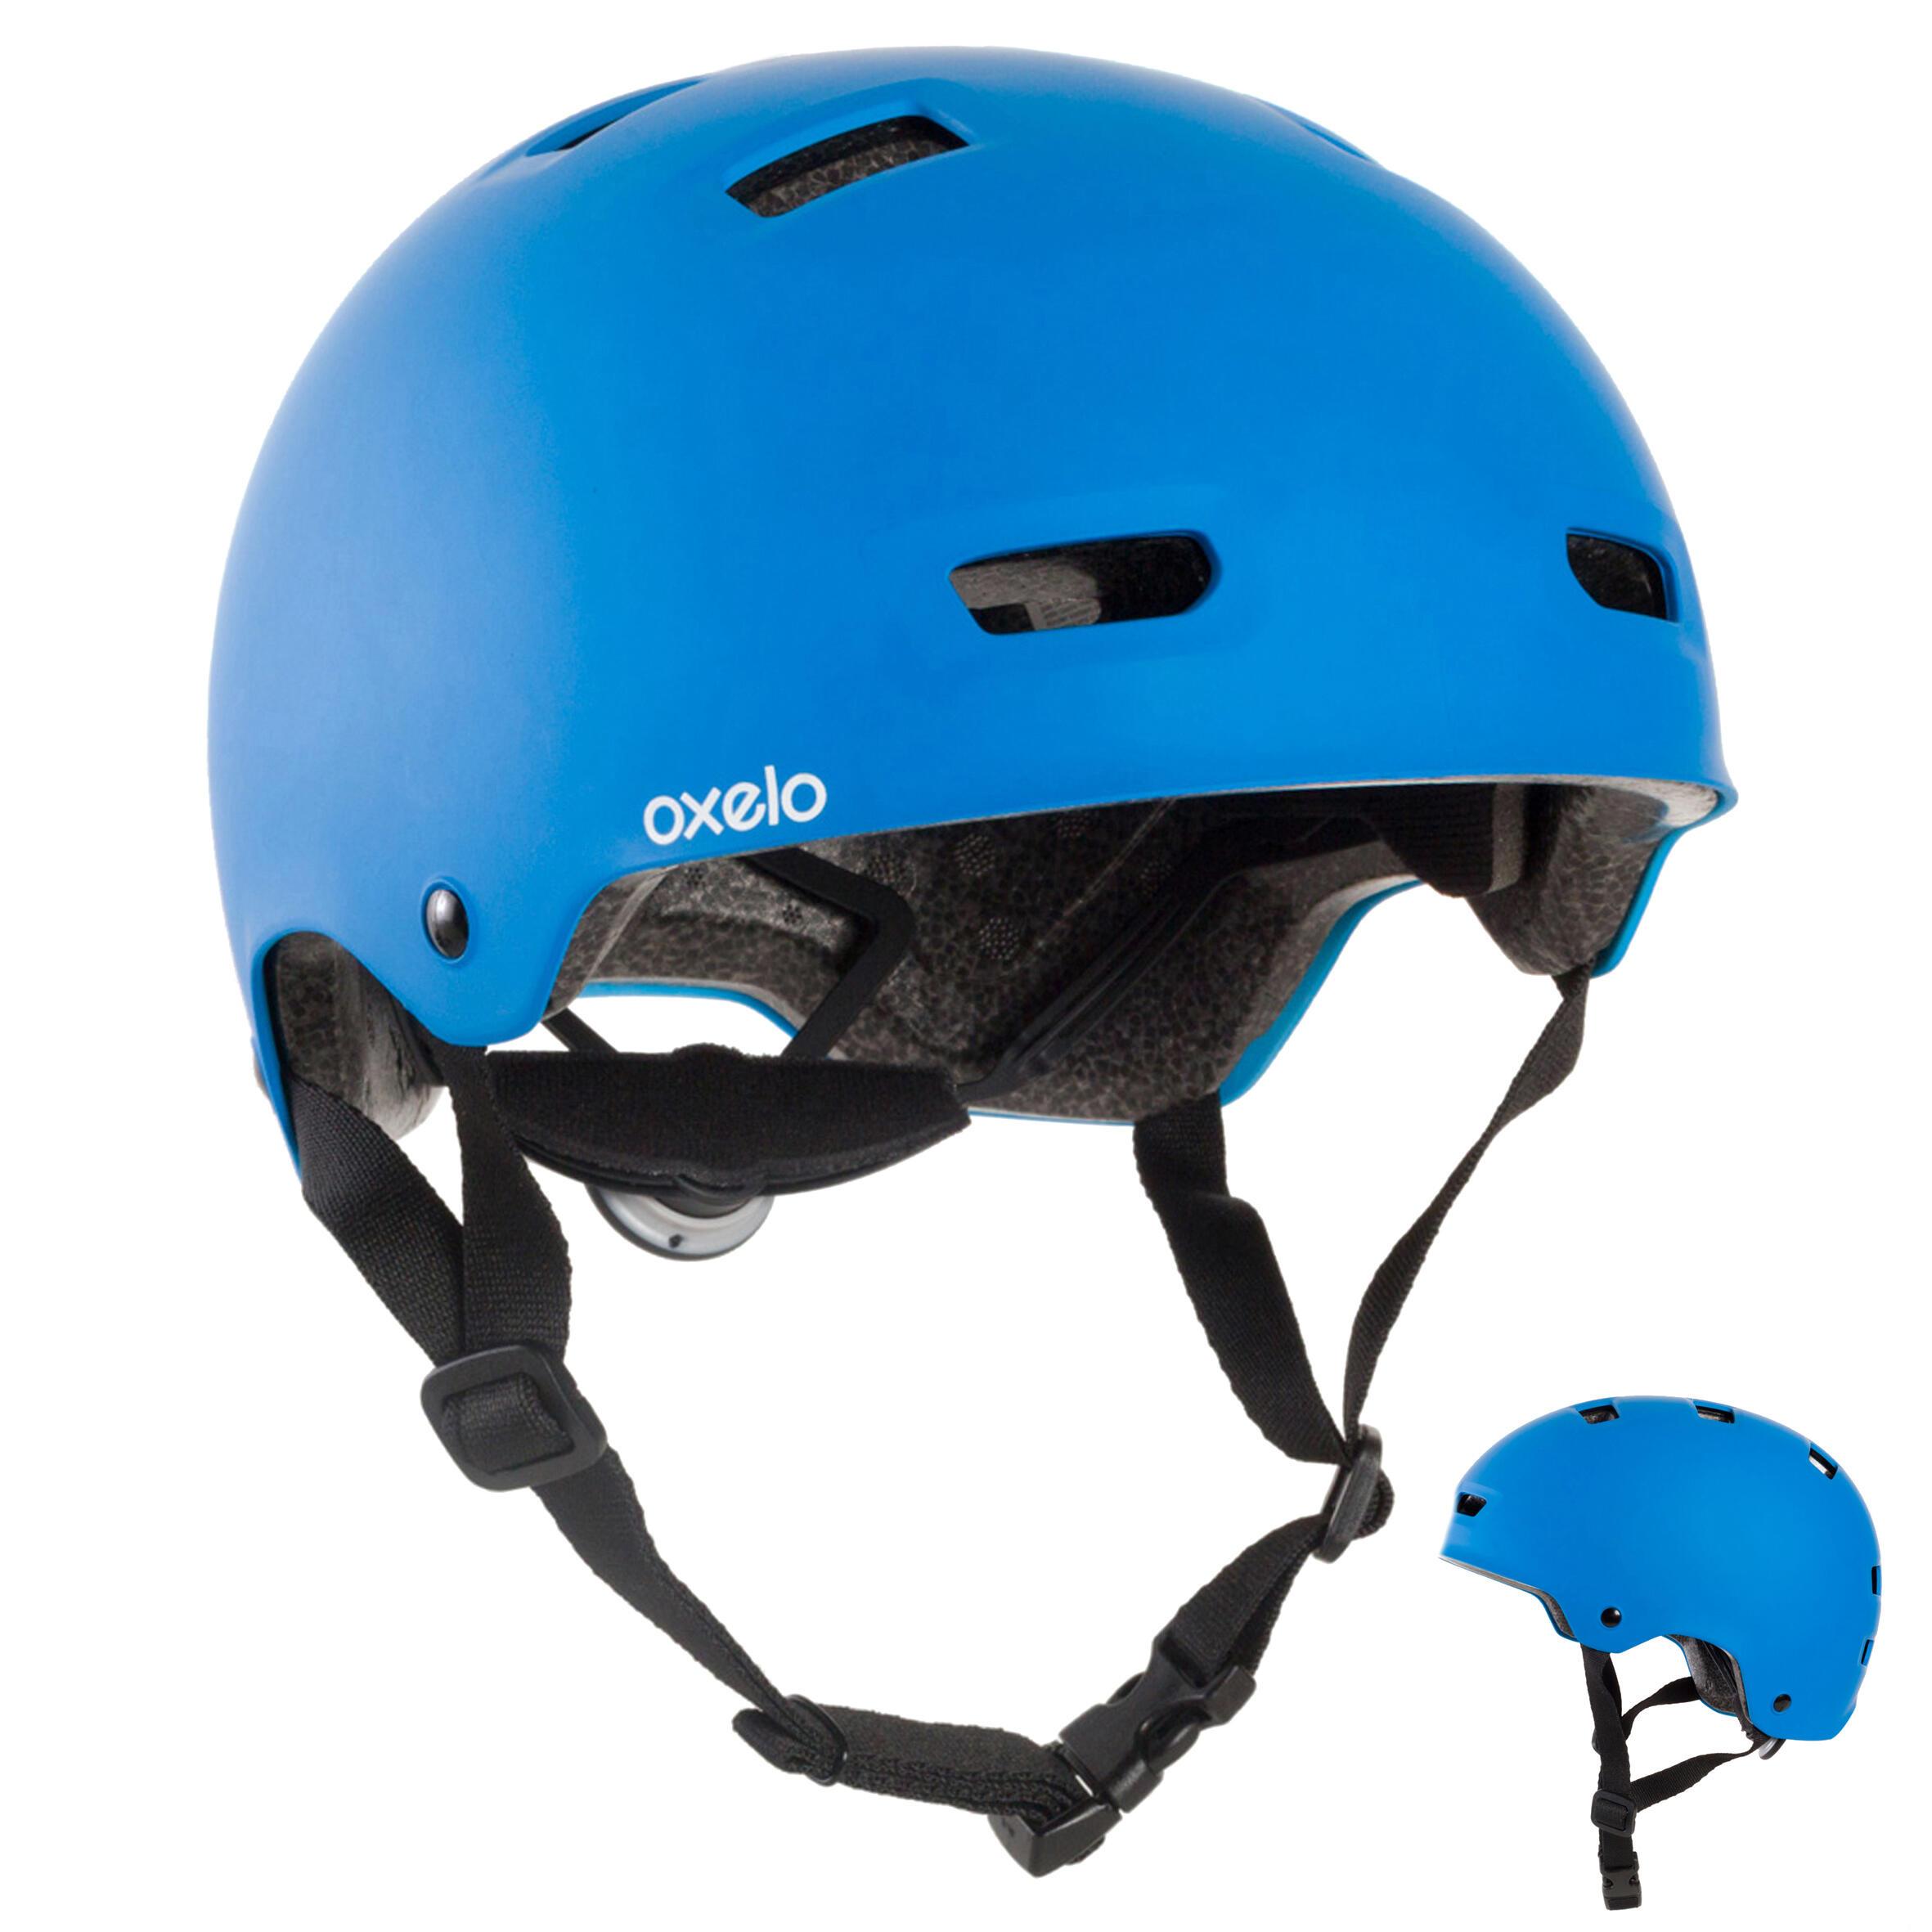 Oxelo Helm MF 500 voor skeeleren, skateboarden, steppen blauw kopen